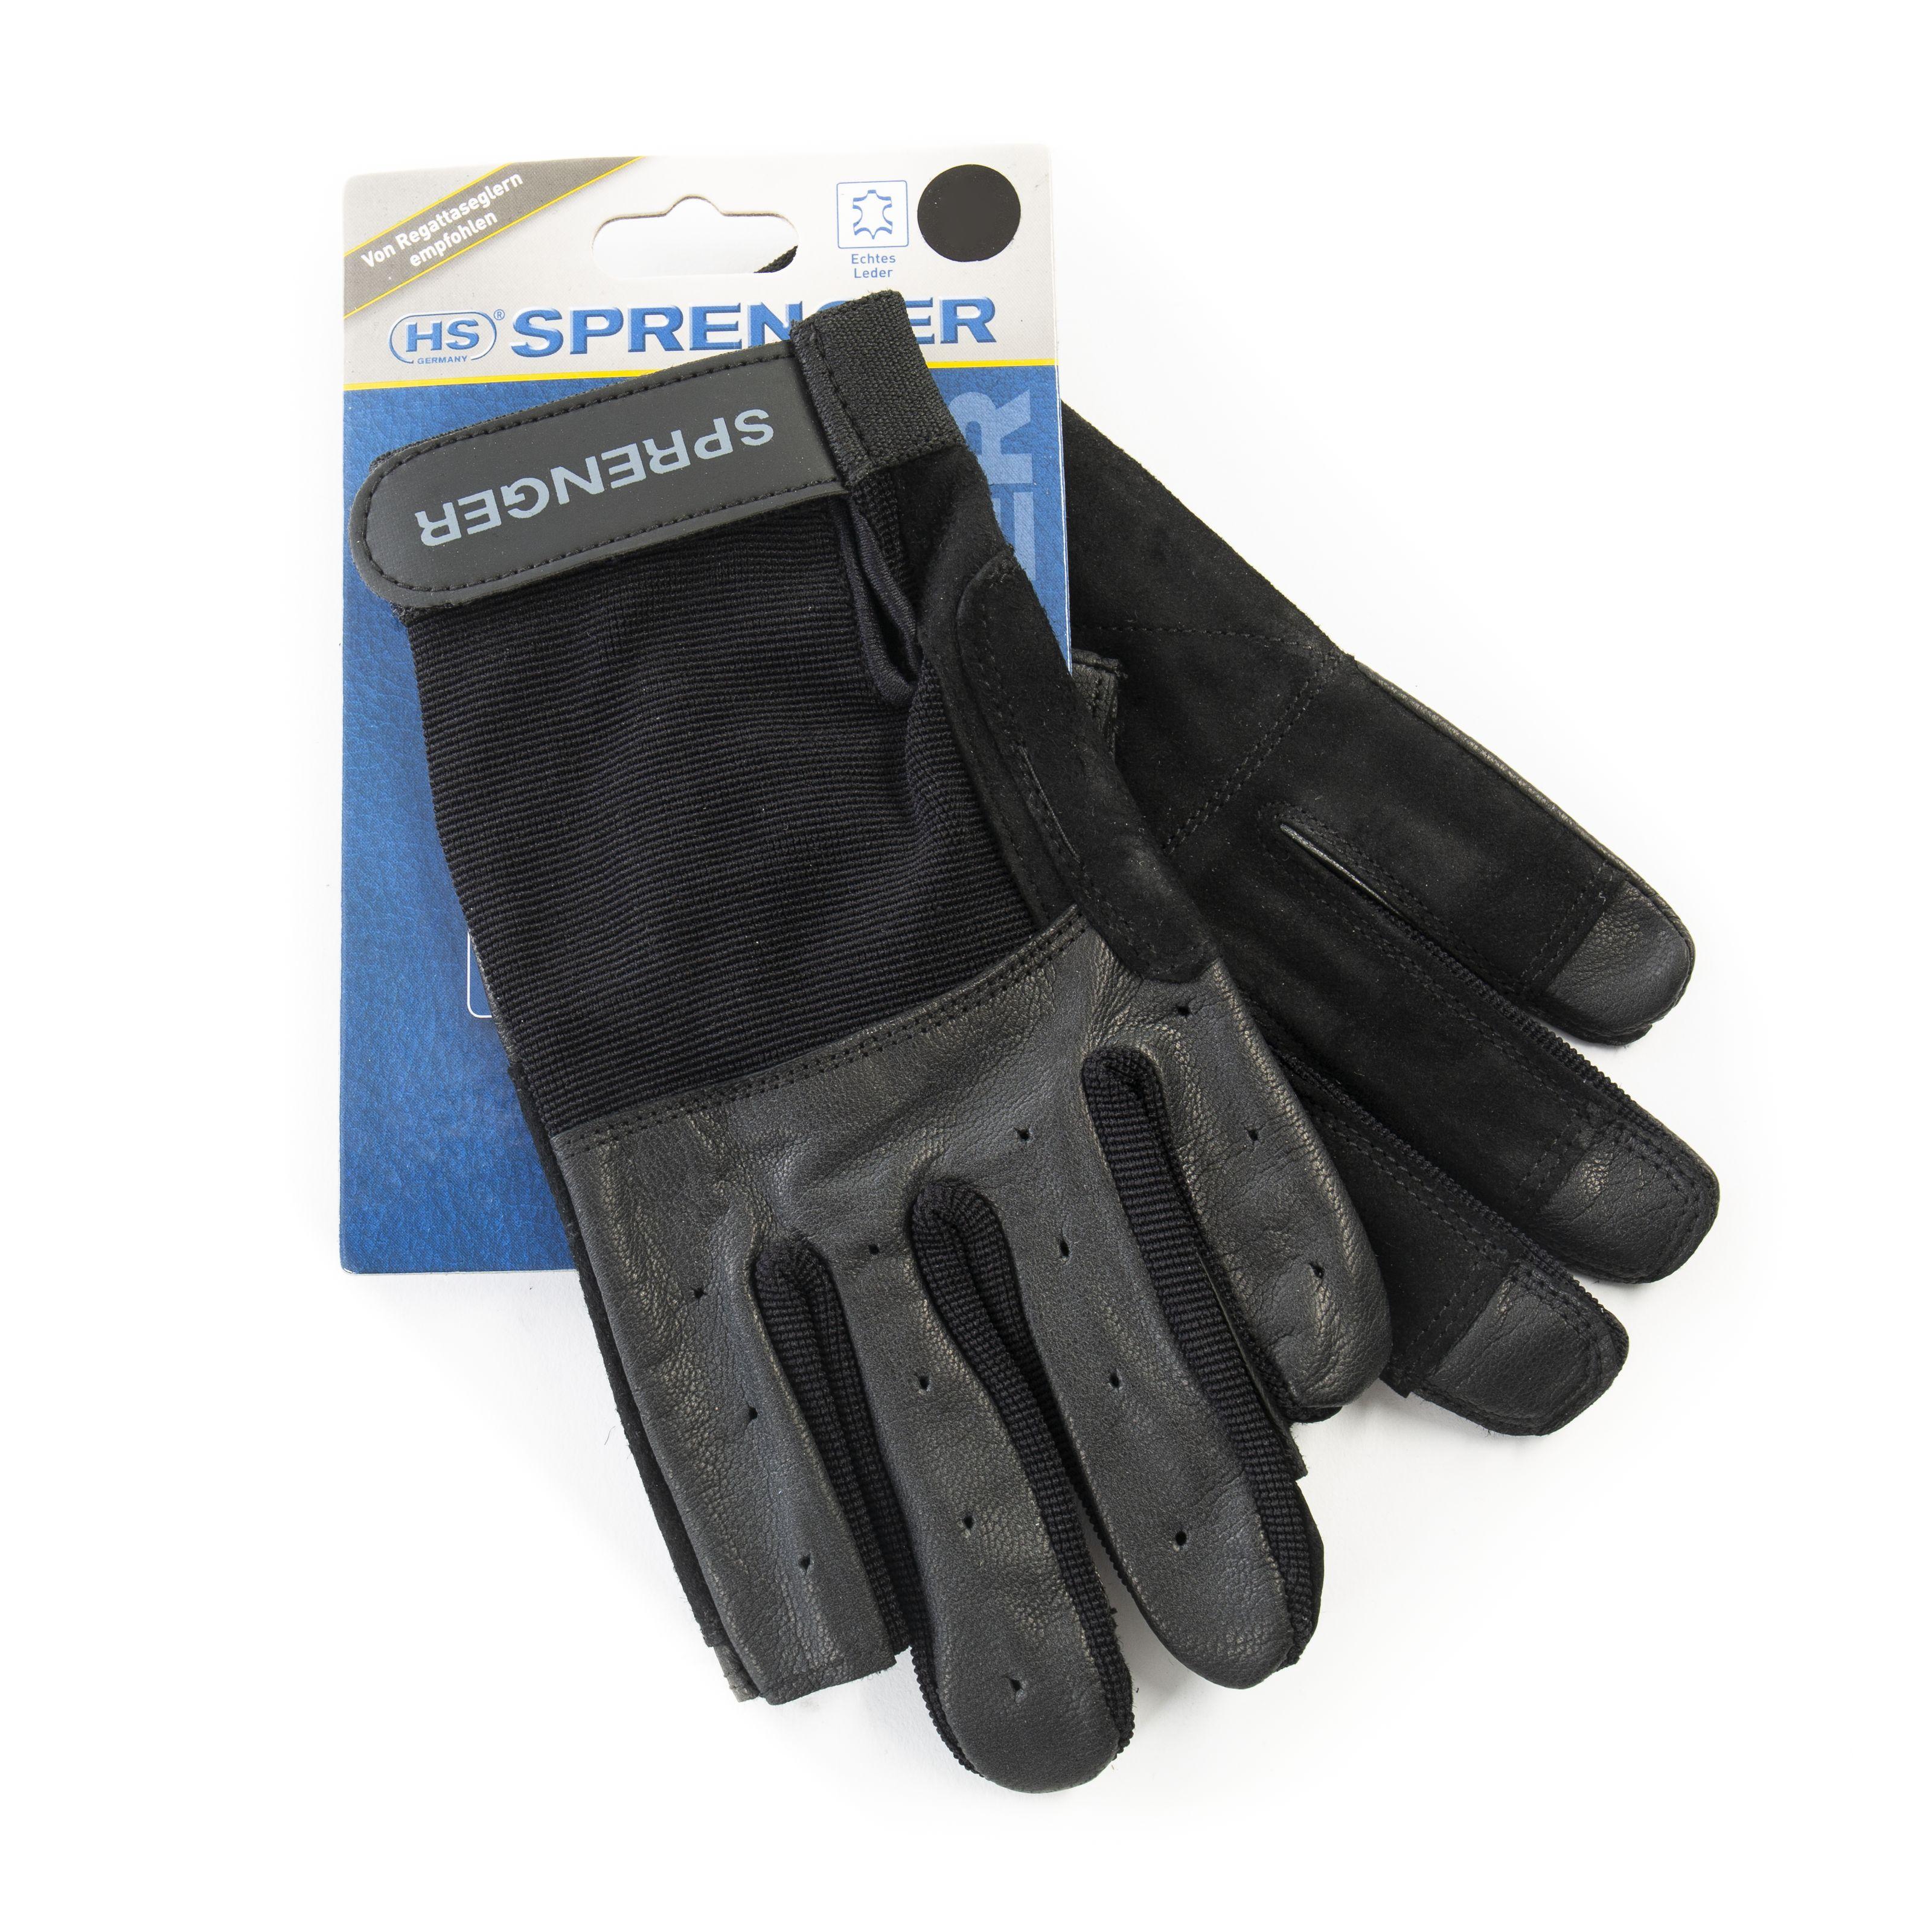 Sprenger - Rigging-Handschuhe S Black 531-0799-1008